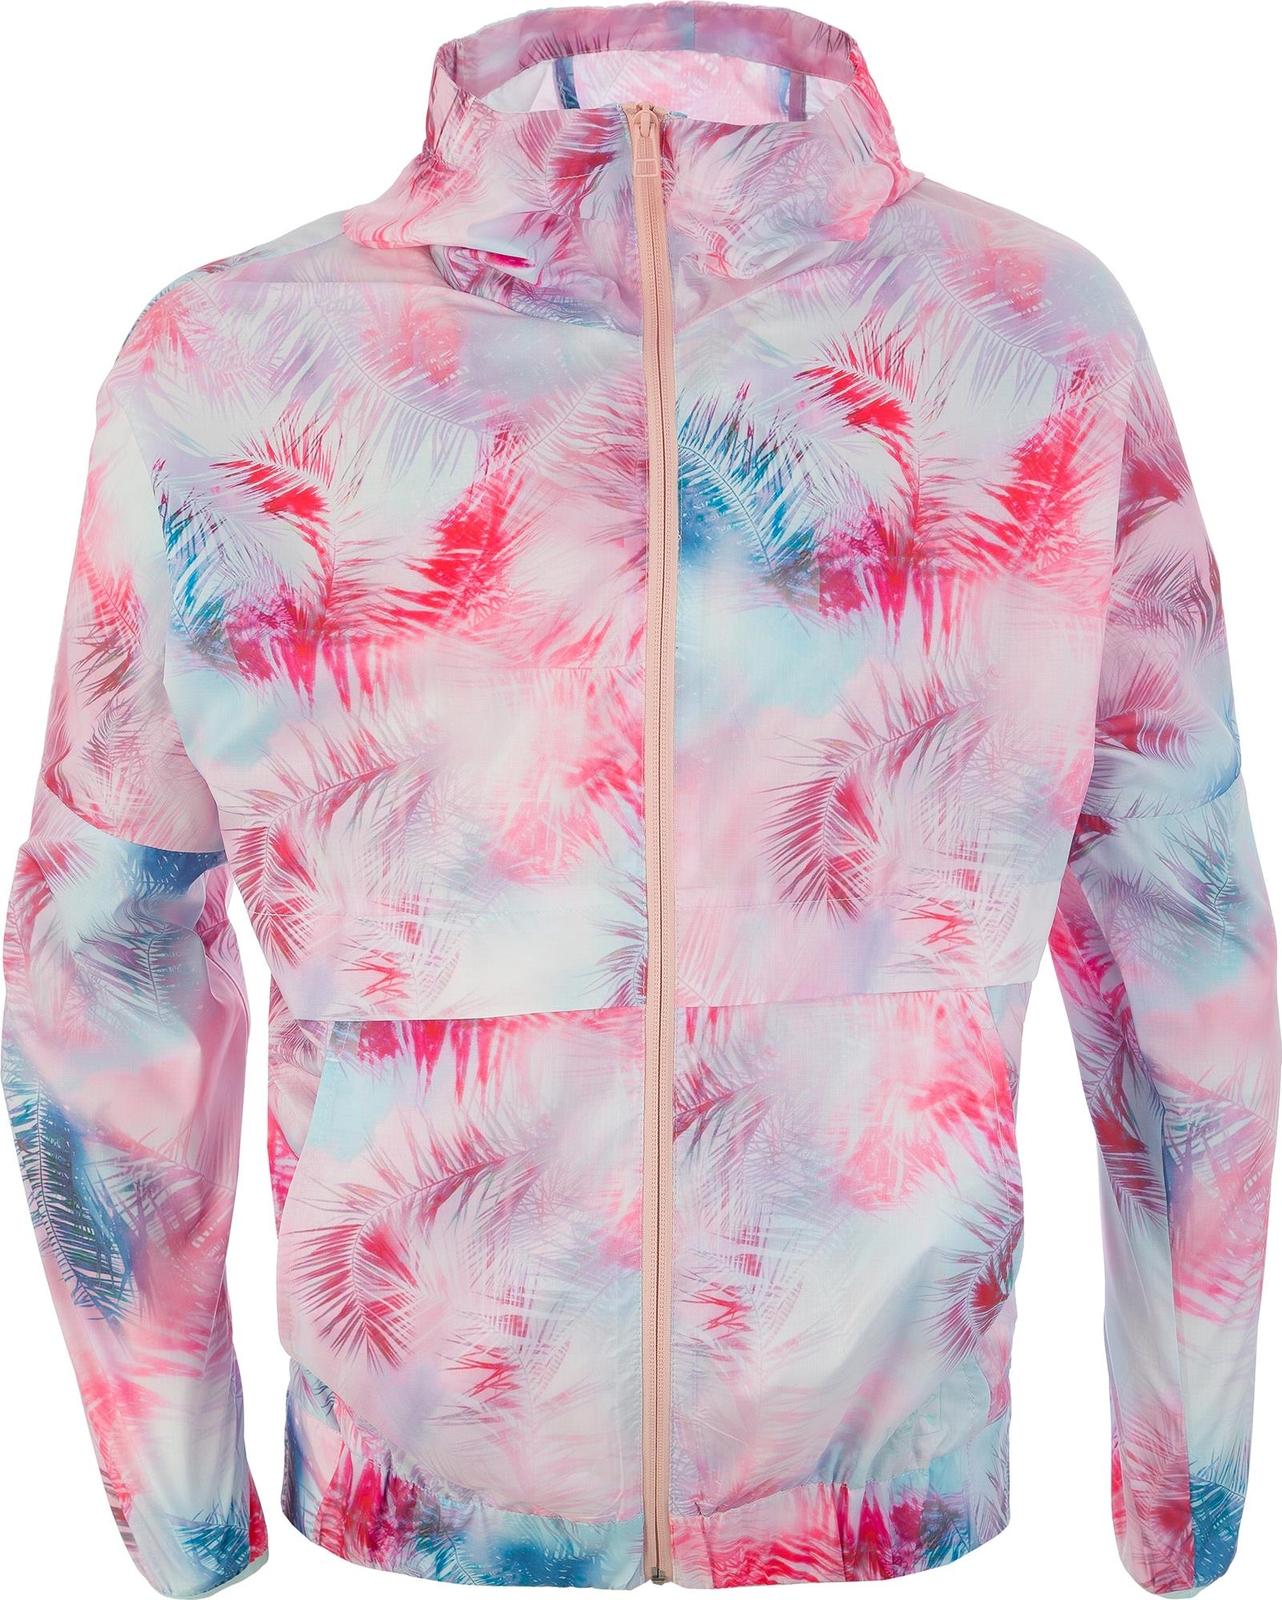 Ветровка Termit туника женская termit women s blouse цвет разноцветный s19atetuw04 mx размер l 48